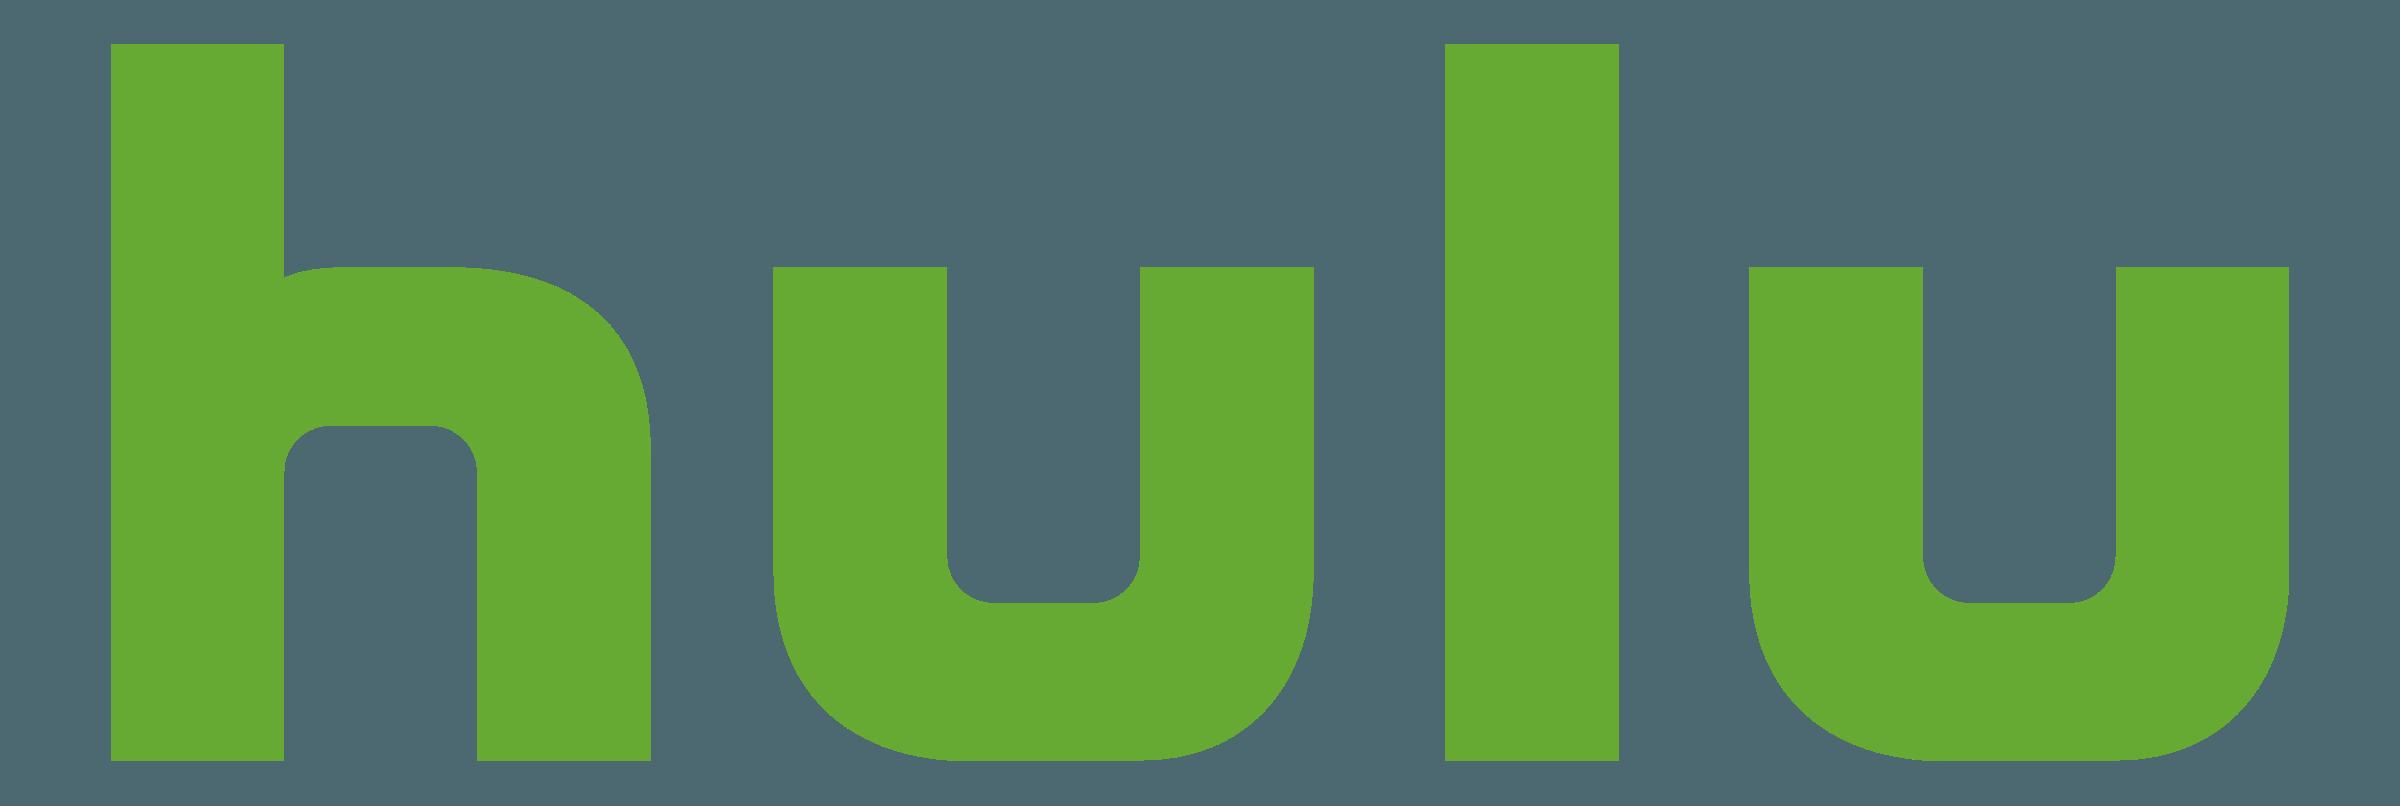 Hulu Logo PNG Transparent & SVG Vector